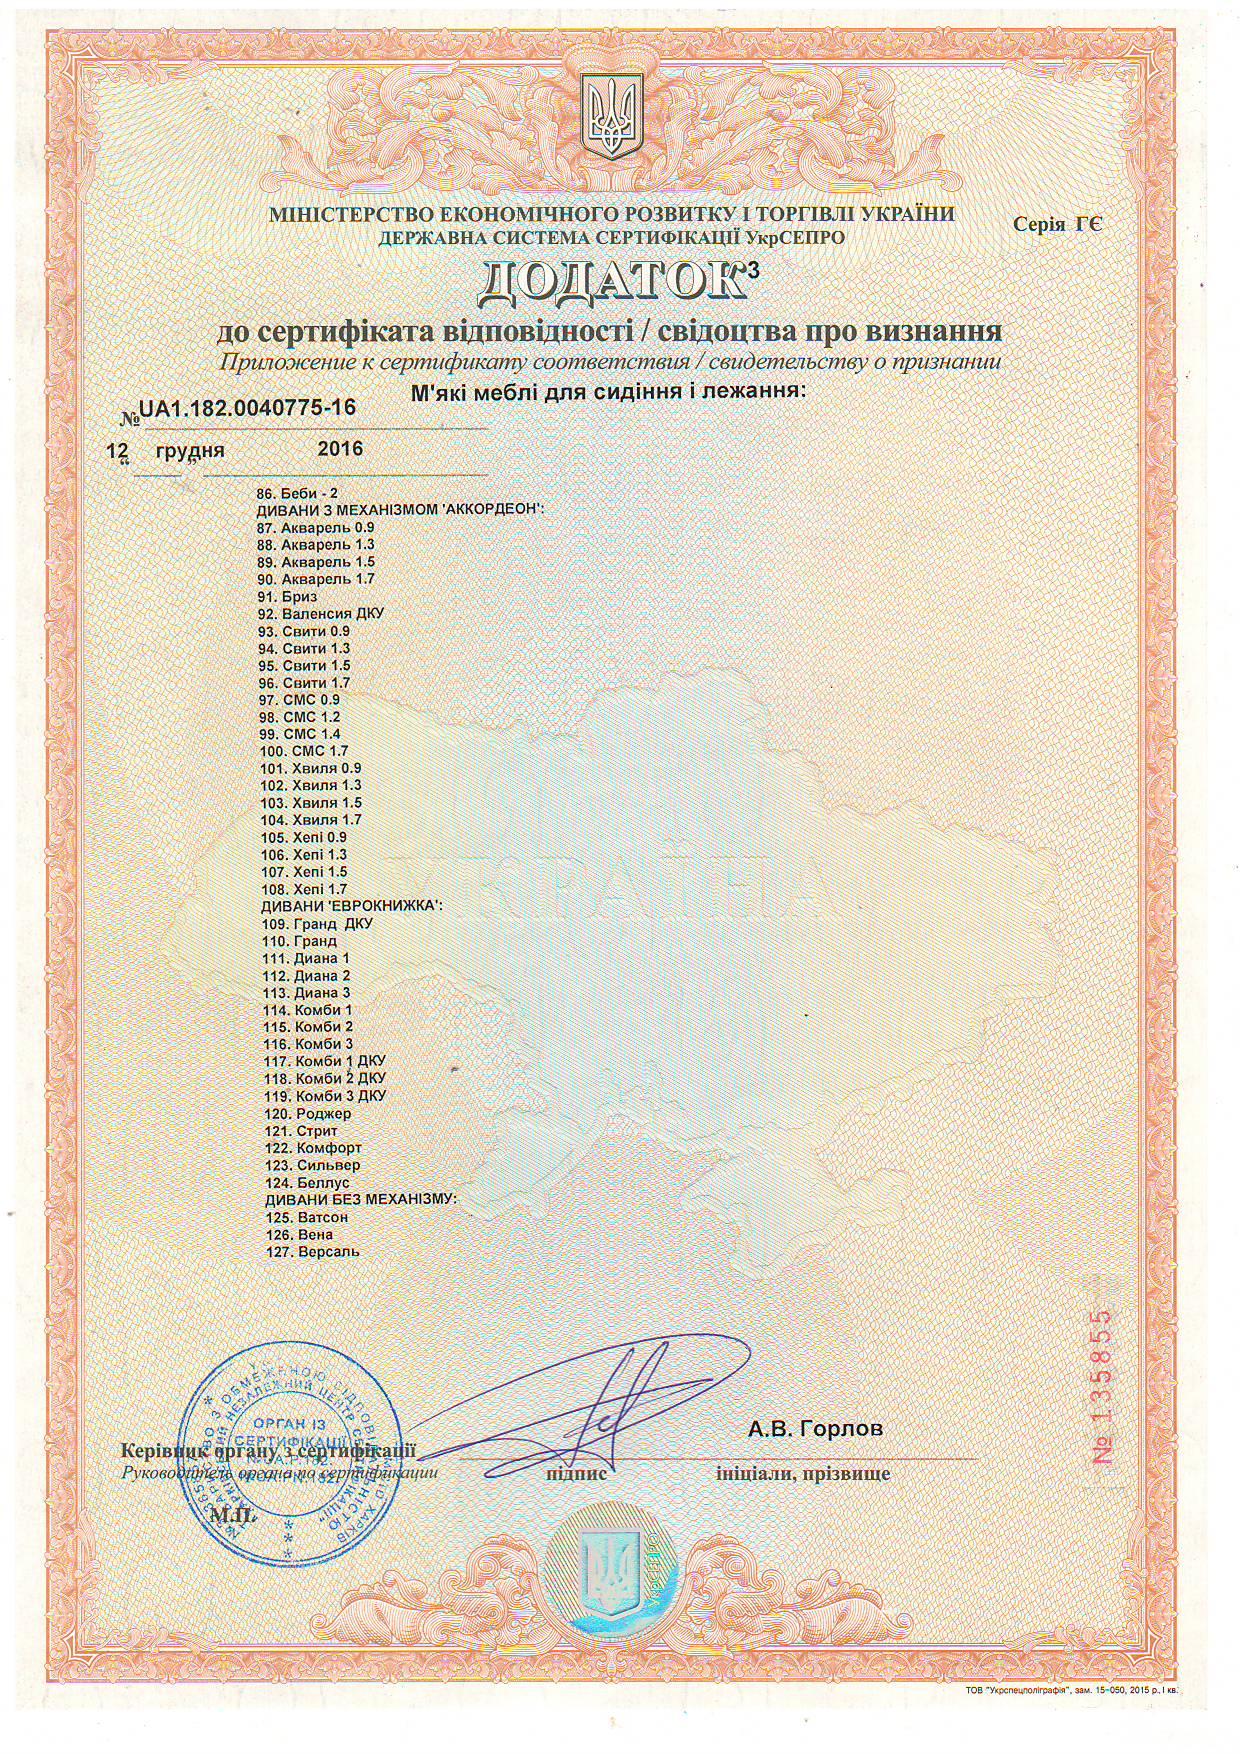 Дополнение 3 к Сертификату качества мягкой мебели МатроЛюкс.